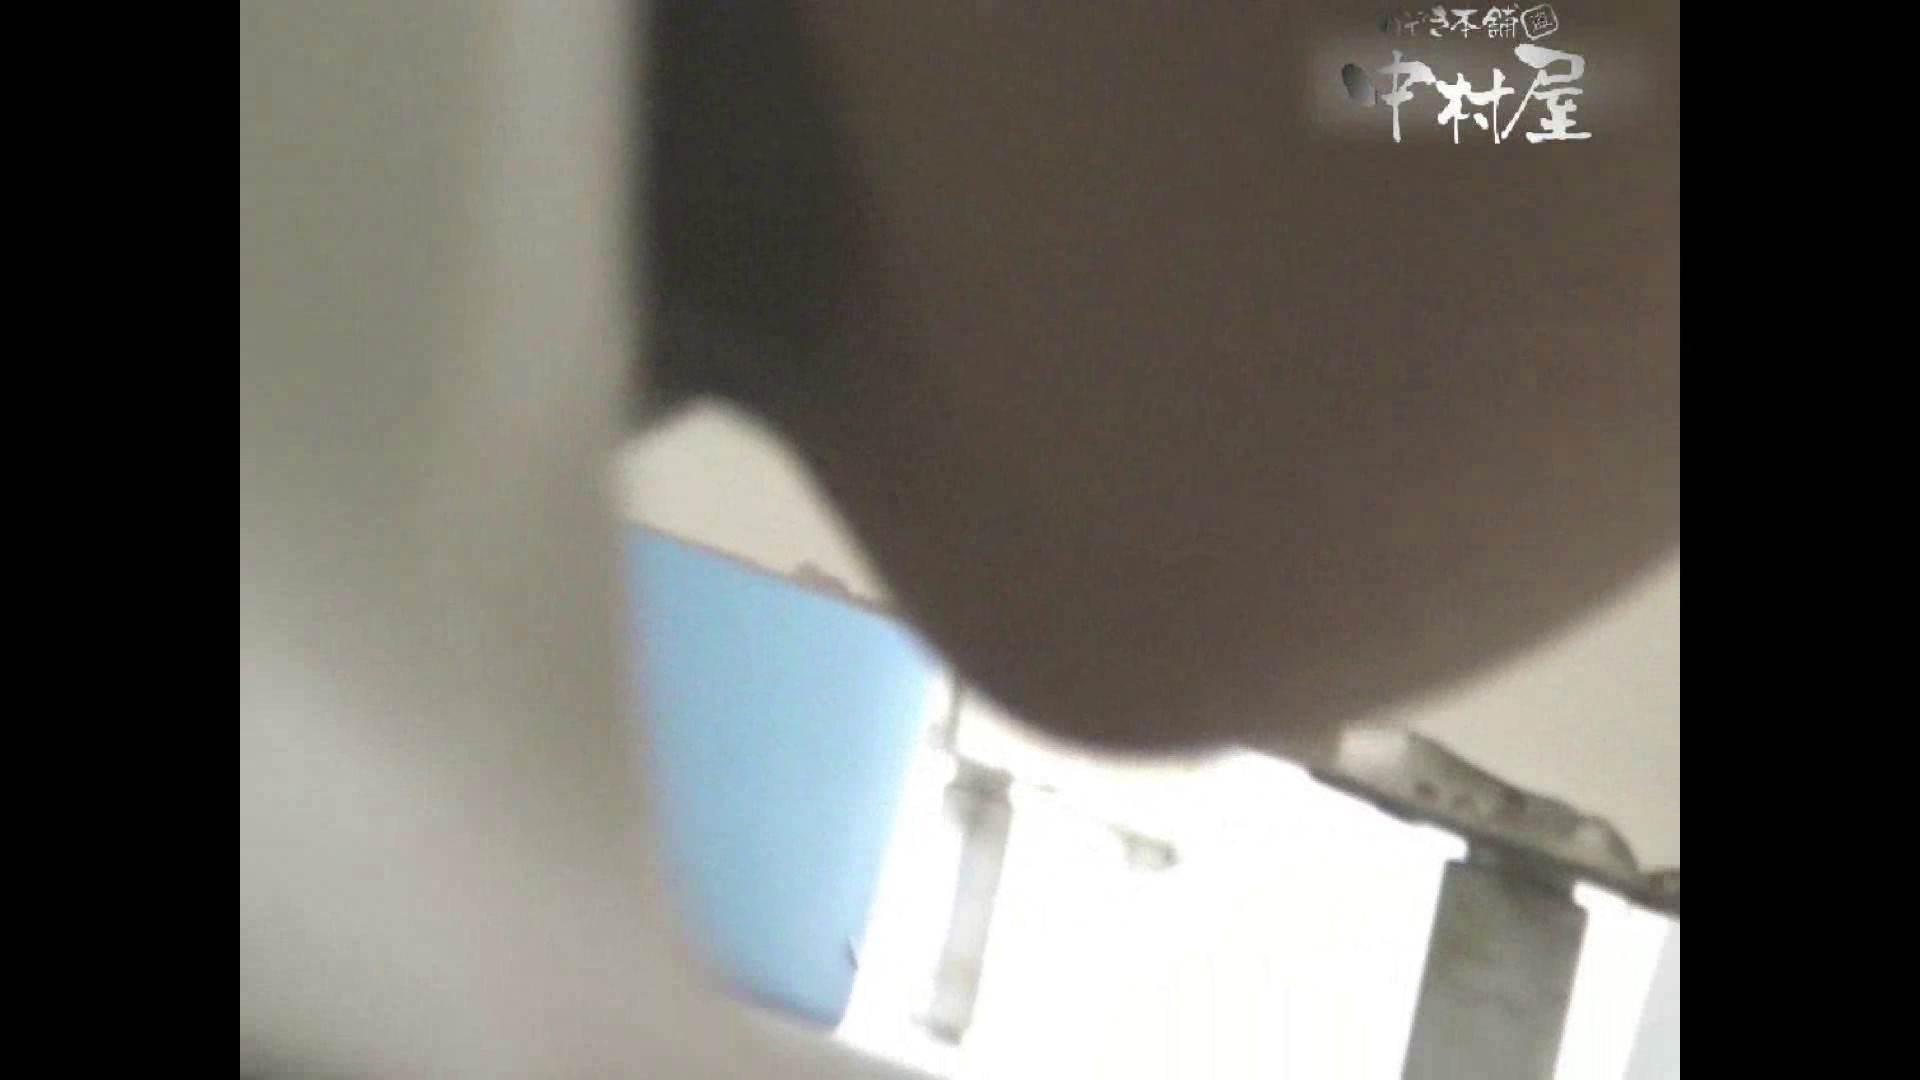 岩手県在住盗撮師盗撮記録vol.18 盗撮 | マンコ  61pic 43